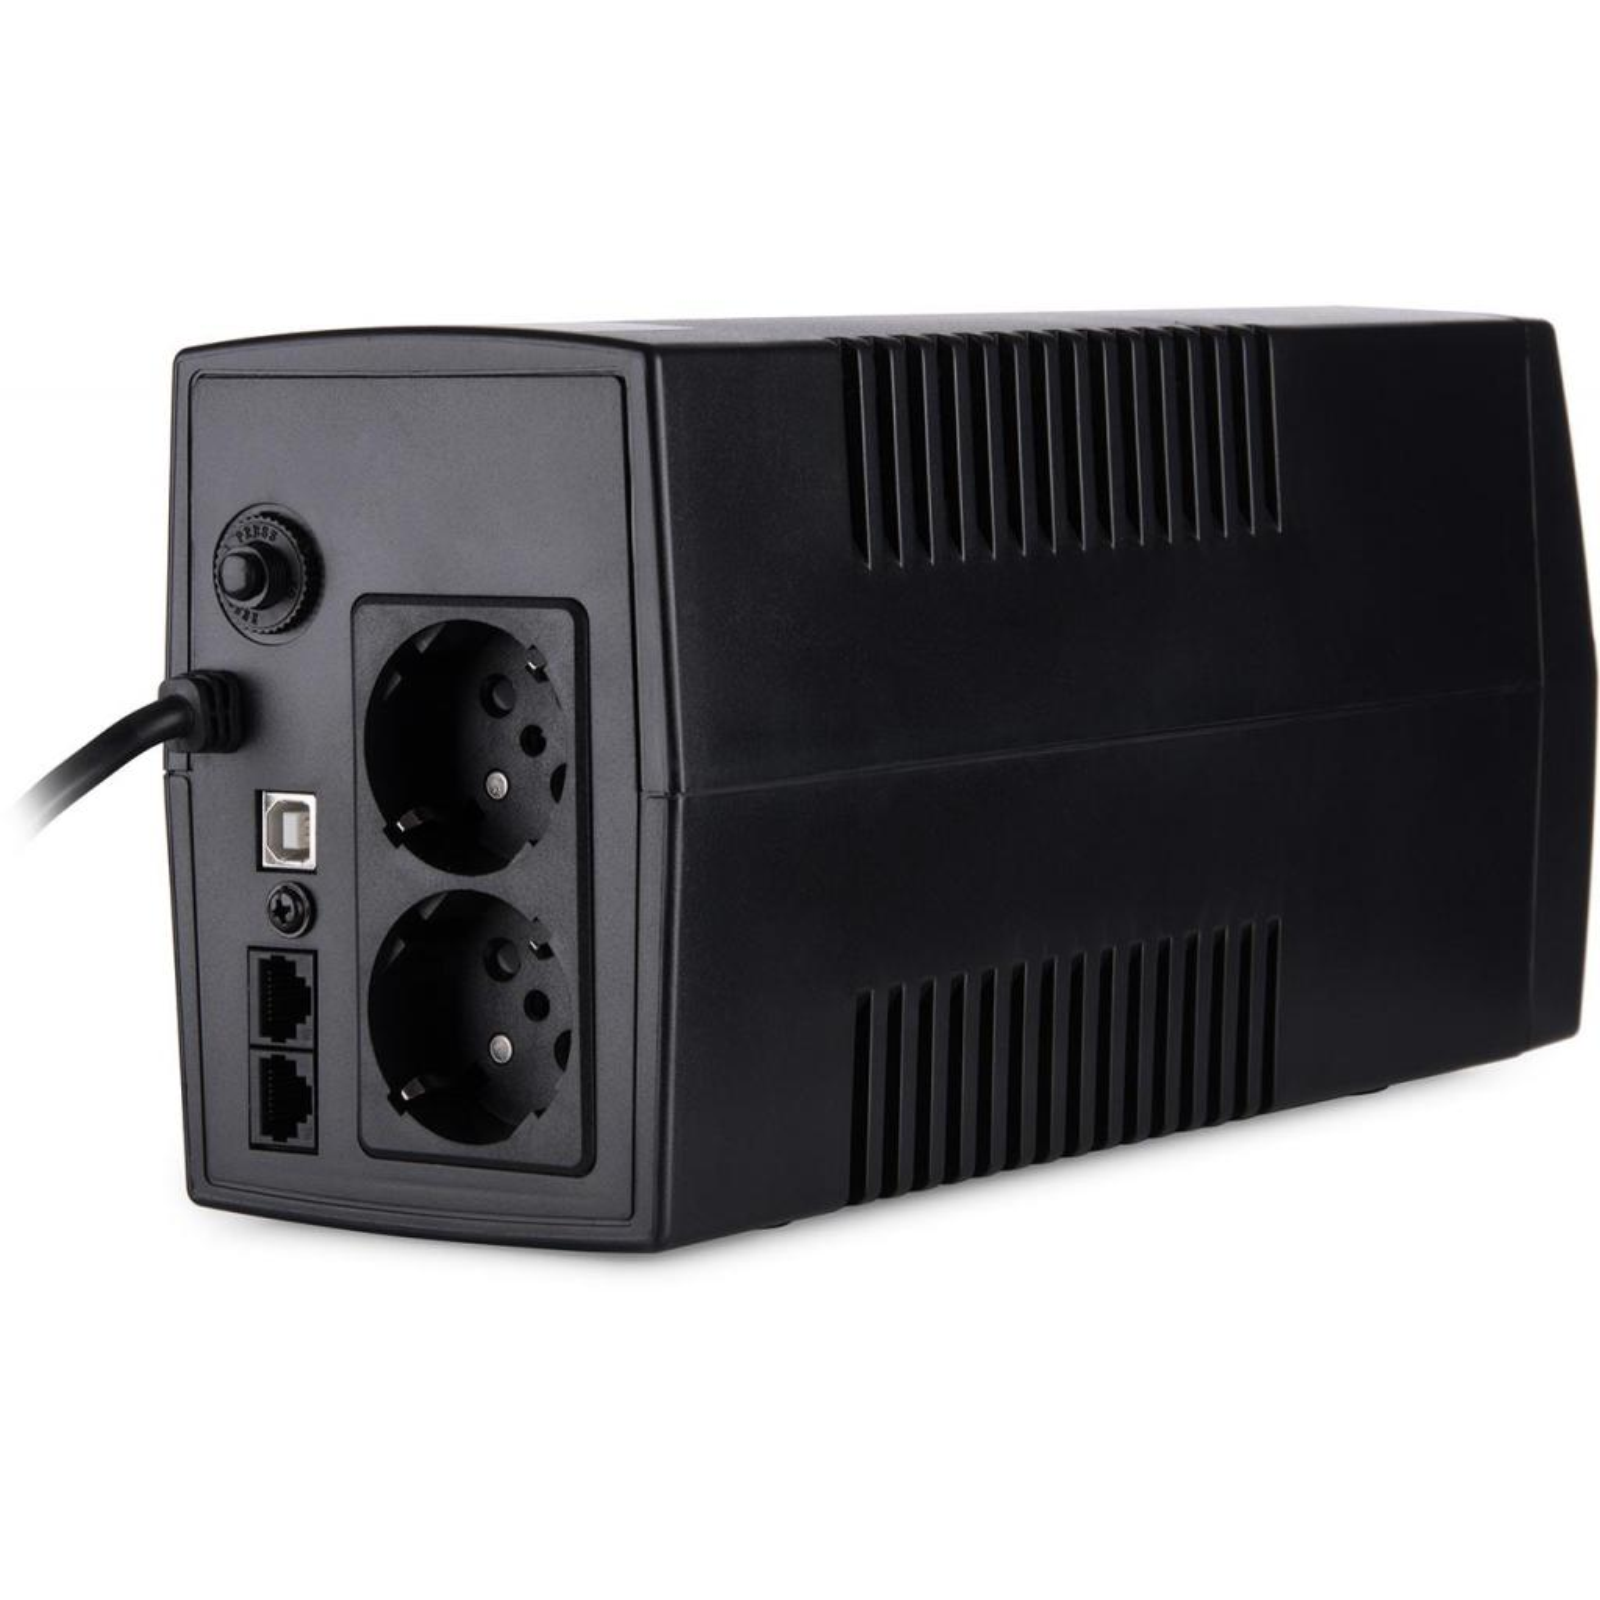 Источник бесперебойного питания Vinga LCD 800VA plastic case with USB (VPC-800PU) изображение 4